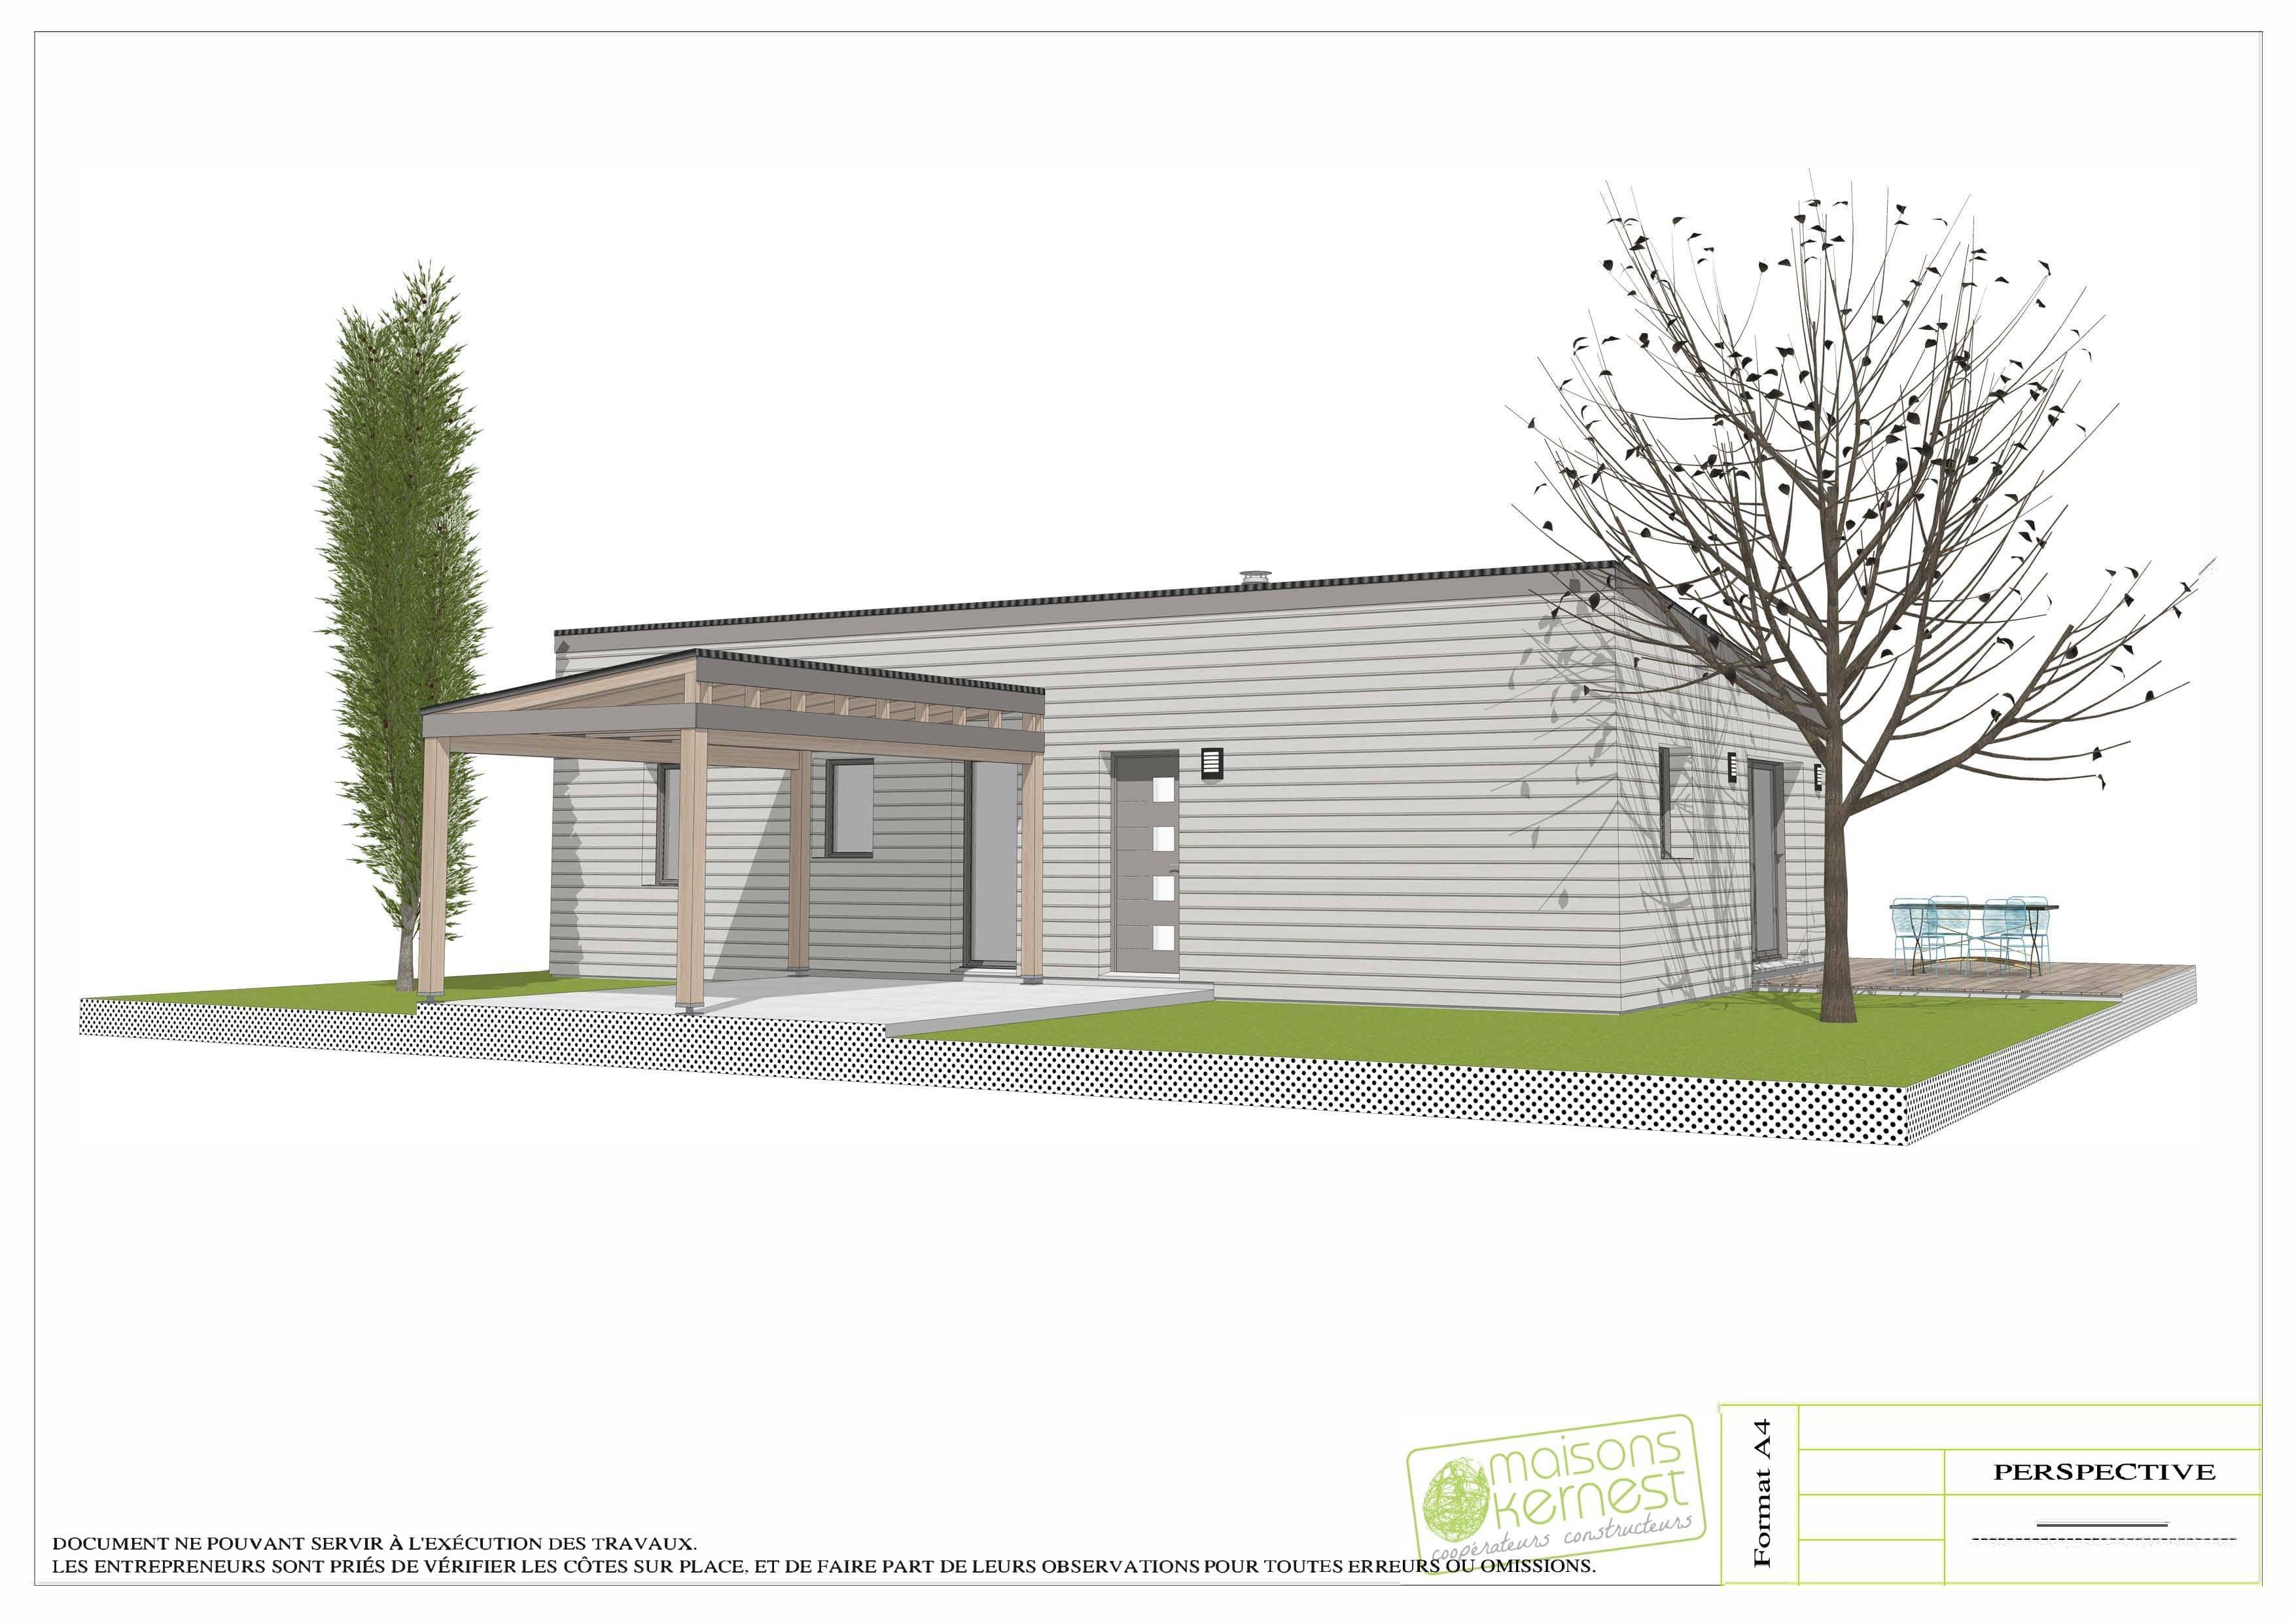 Maisons Kernest constructeur maison bois 44